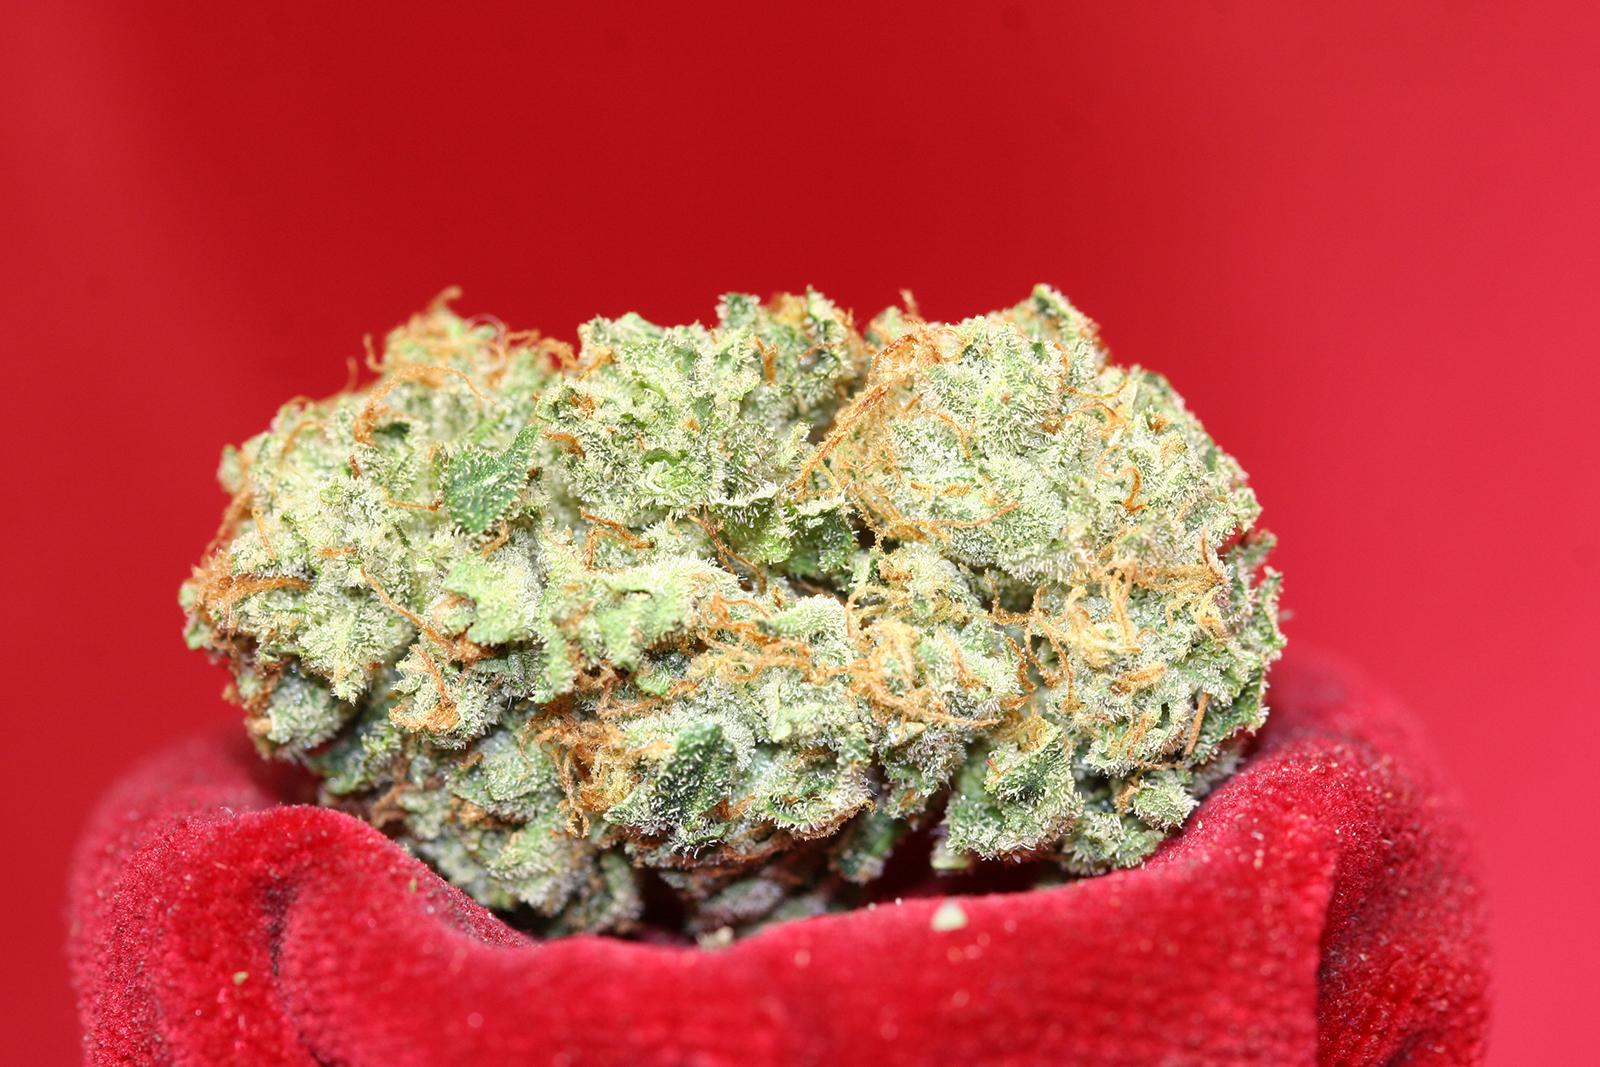 neptune-og-cannabis